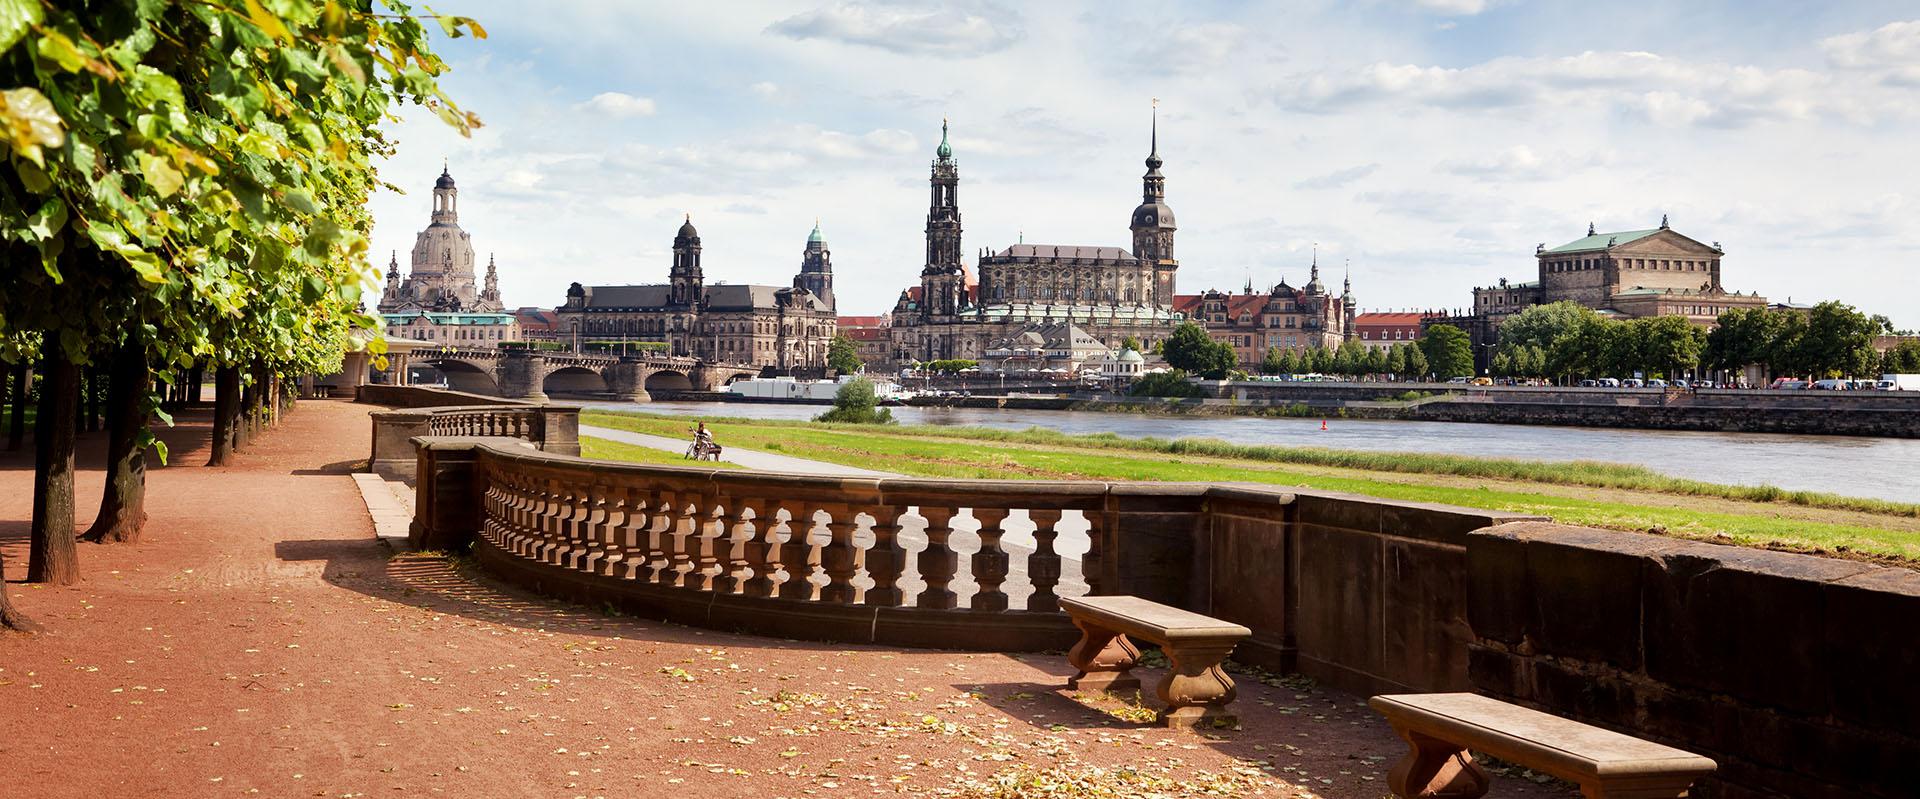 Gebrauchtwagen Dresden